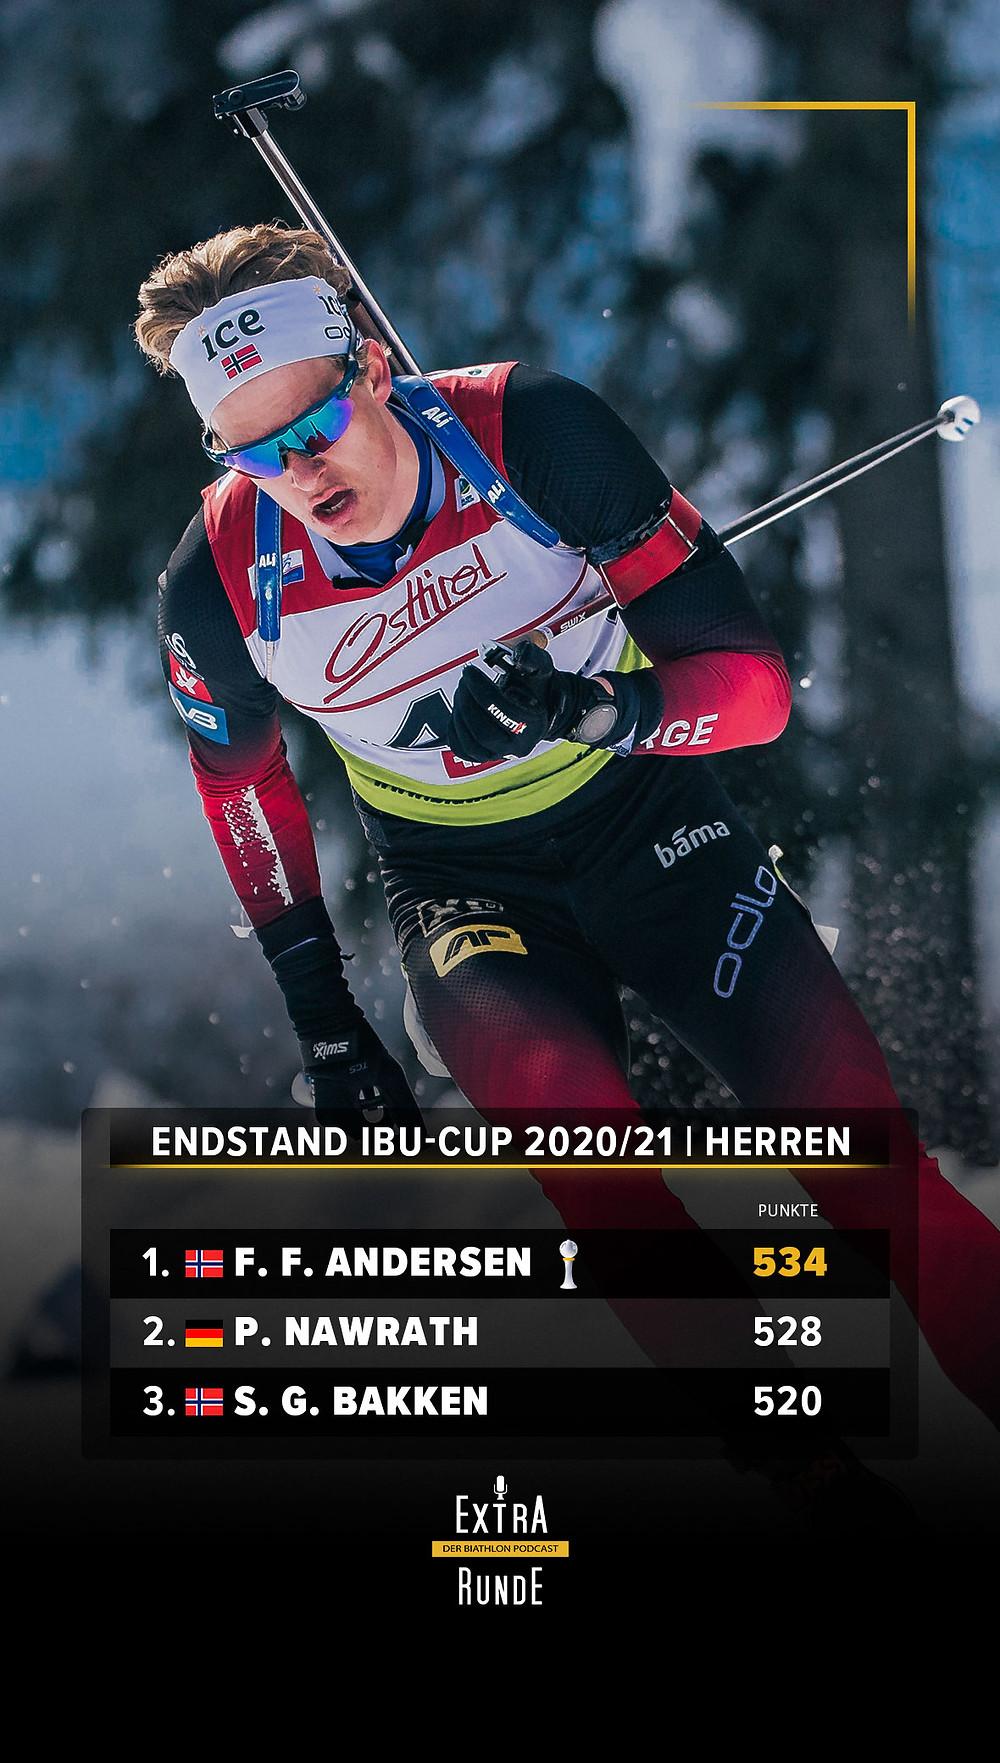 Endstand im Biathlon IBU-Cup. Filip Fjeld Andersen gewinnt vor Philipp Nawrath und Sivert Guttorm Bakken.